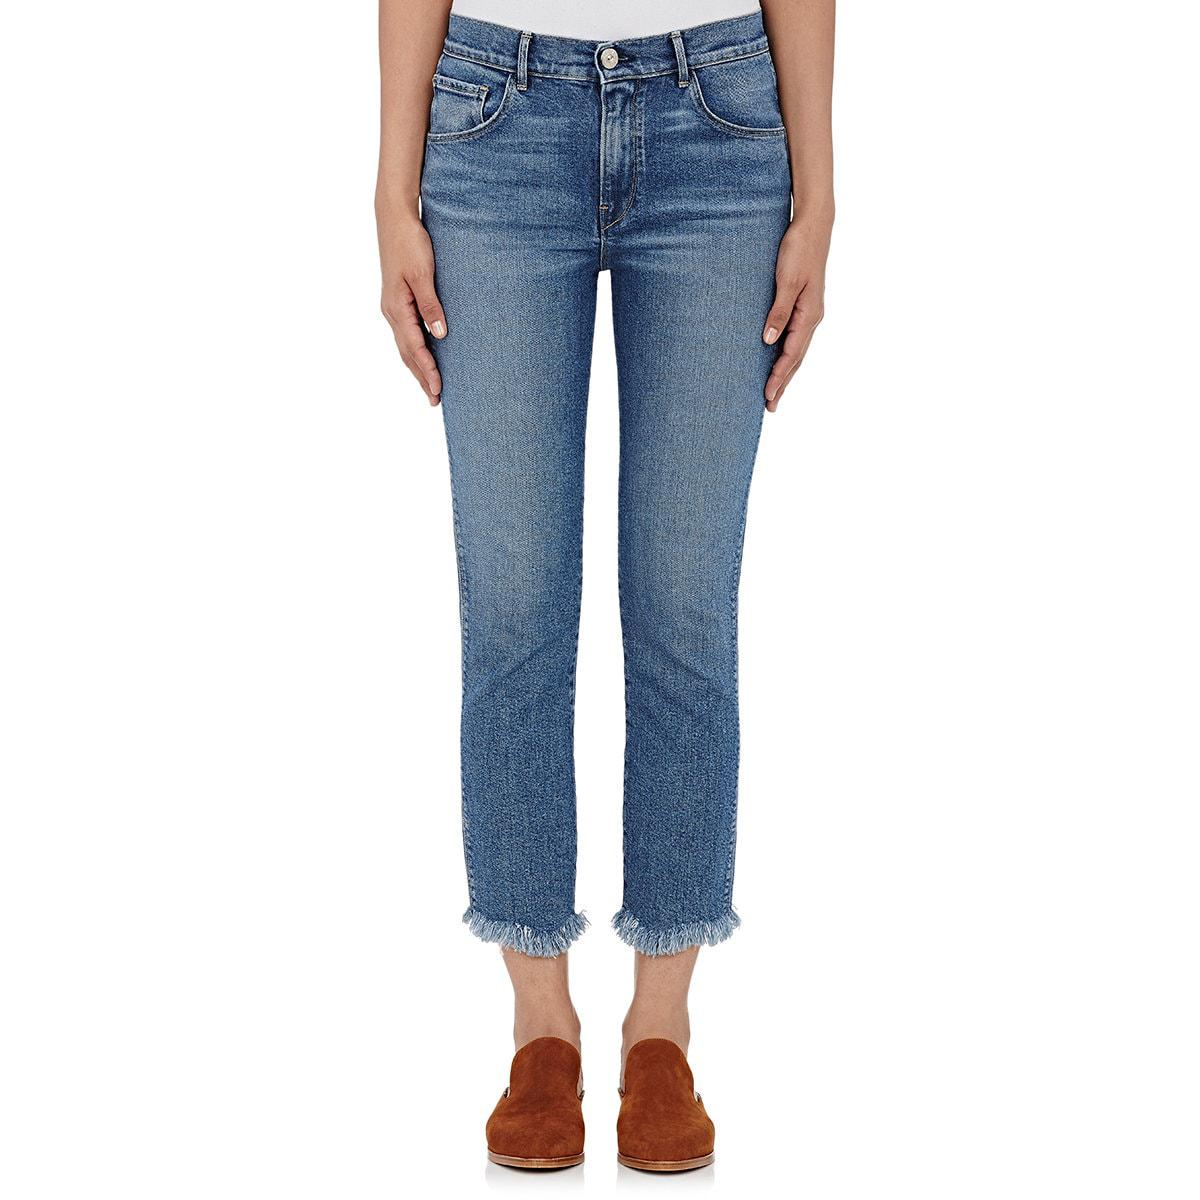 Femmes De Grande Hauteur Jeans Culture Authentique Droit 3x1 Yqb35QR